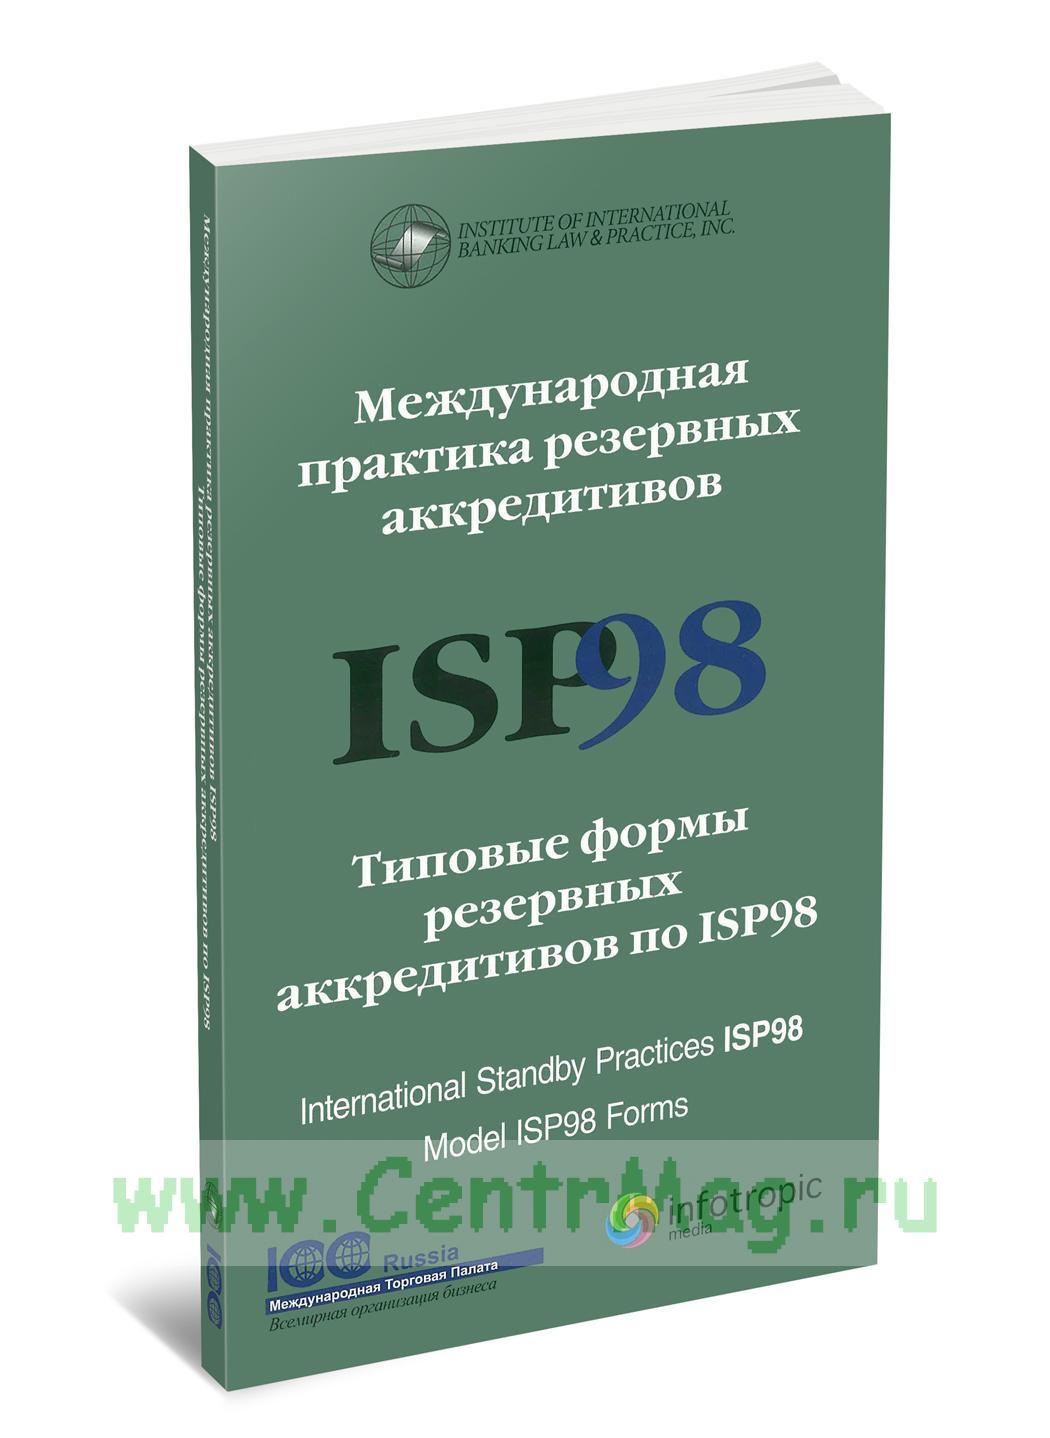 Международная практика резервных аккредитивов ISP98. Типовые формы резервных аккредитивов по ISP98. Публикация ICC № 590